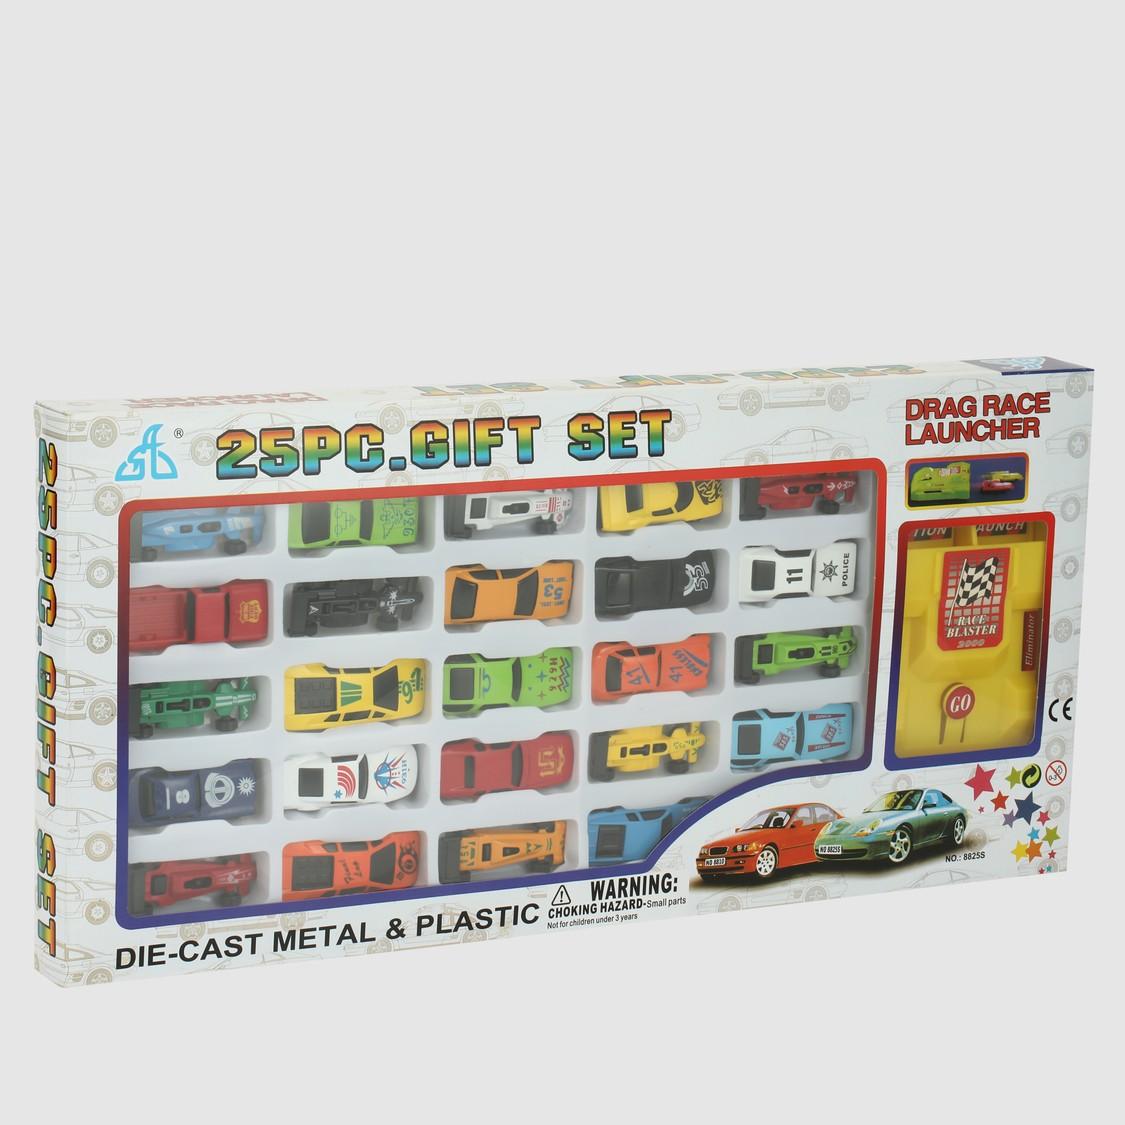 25-Piece Drag Race Launcher Car Set